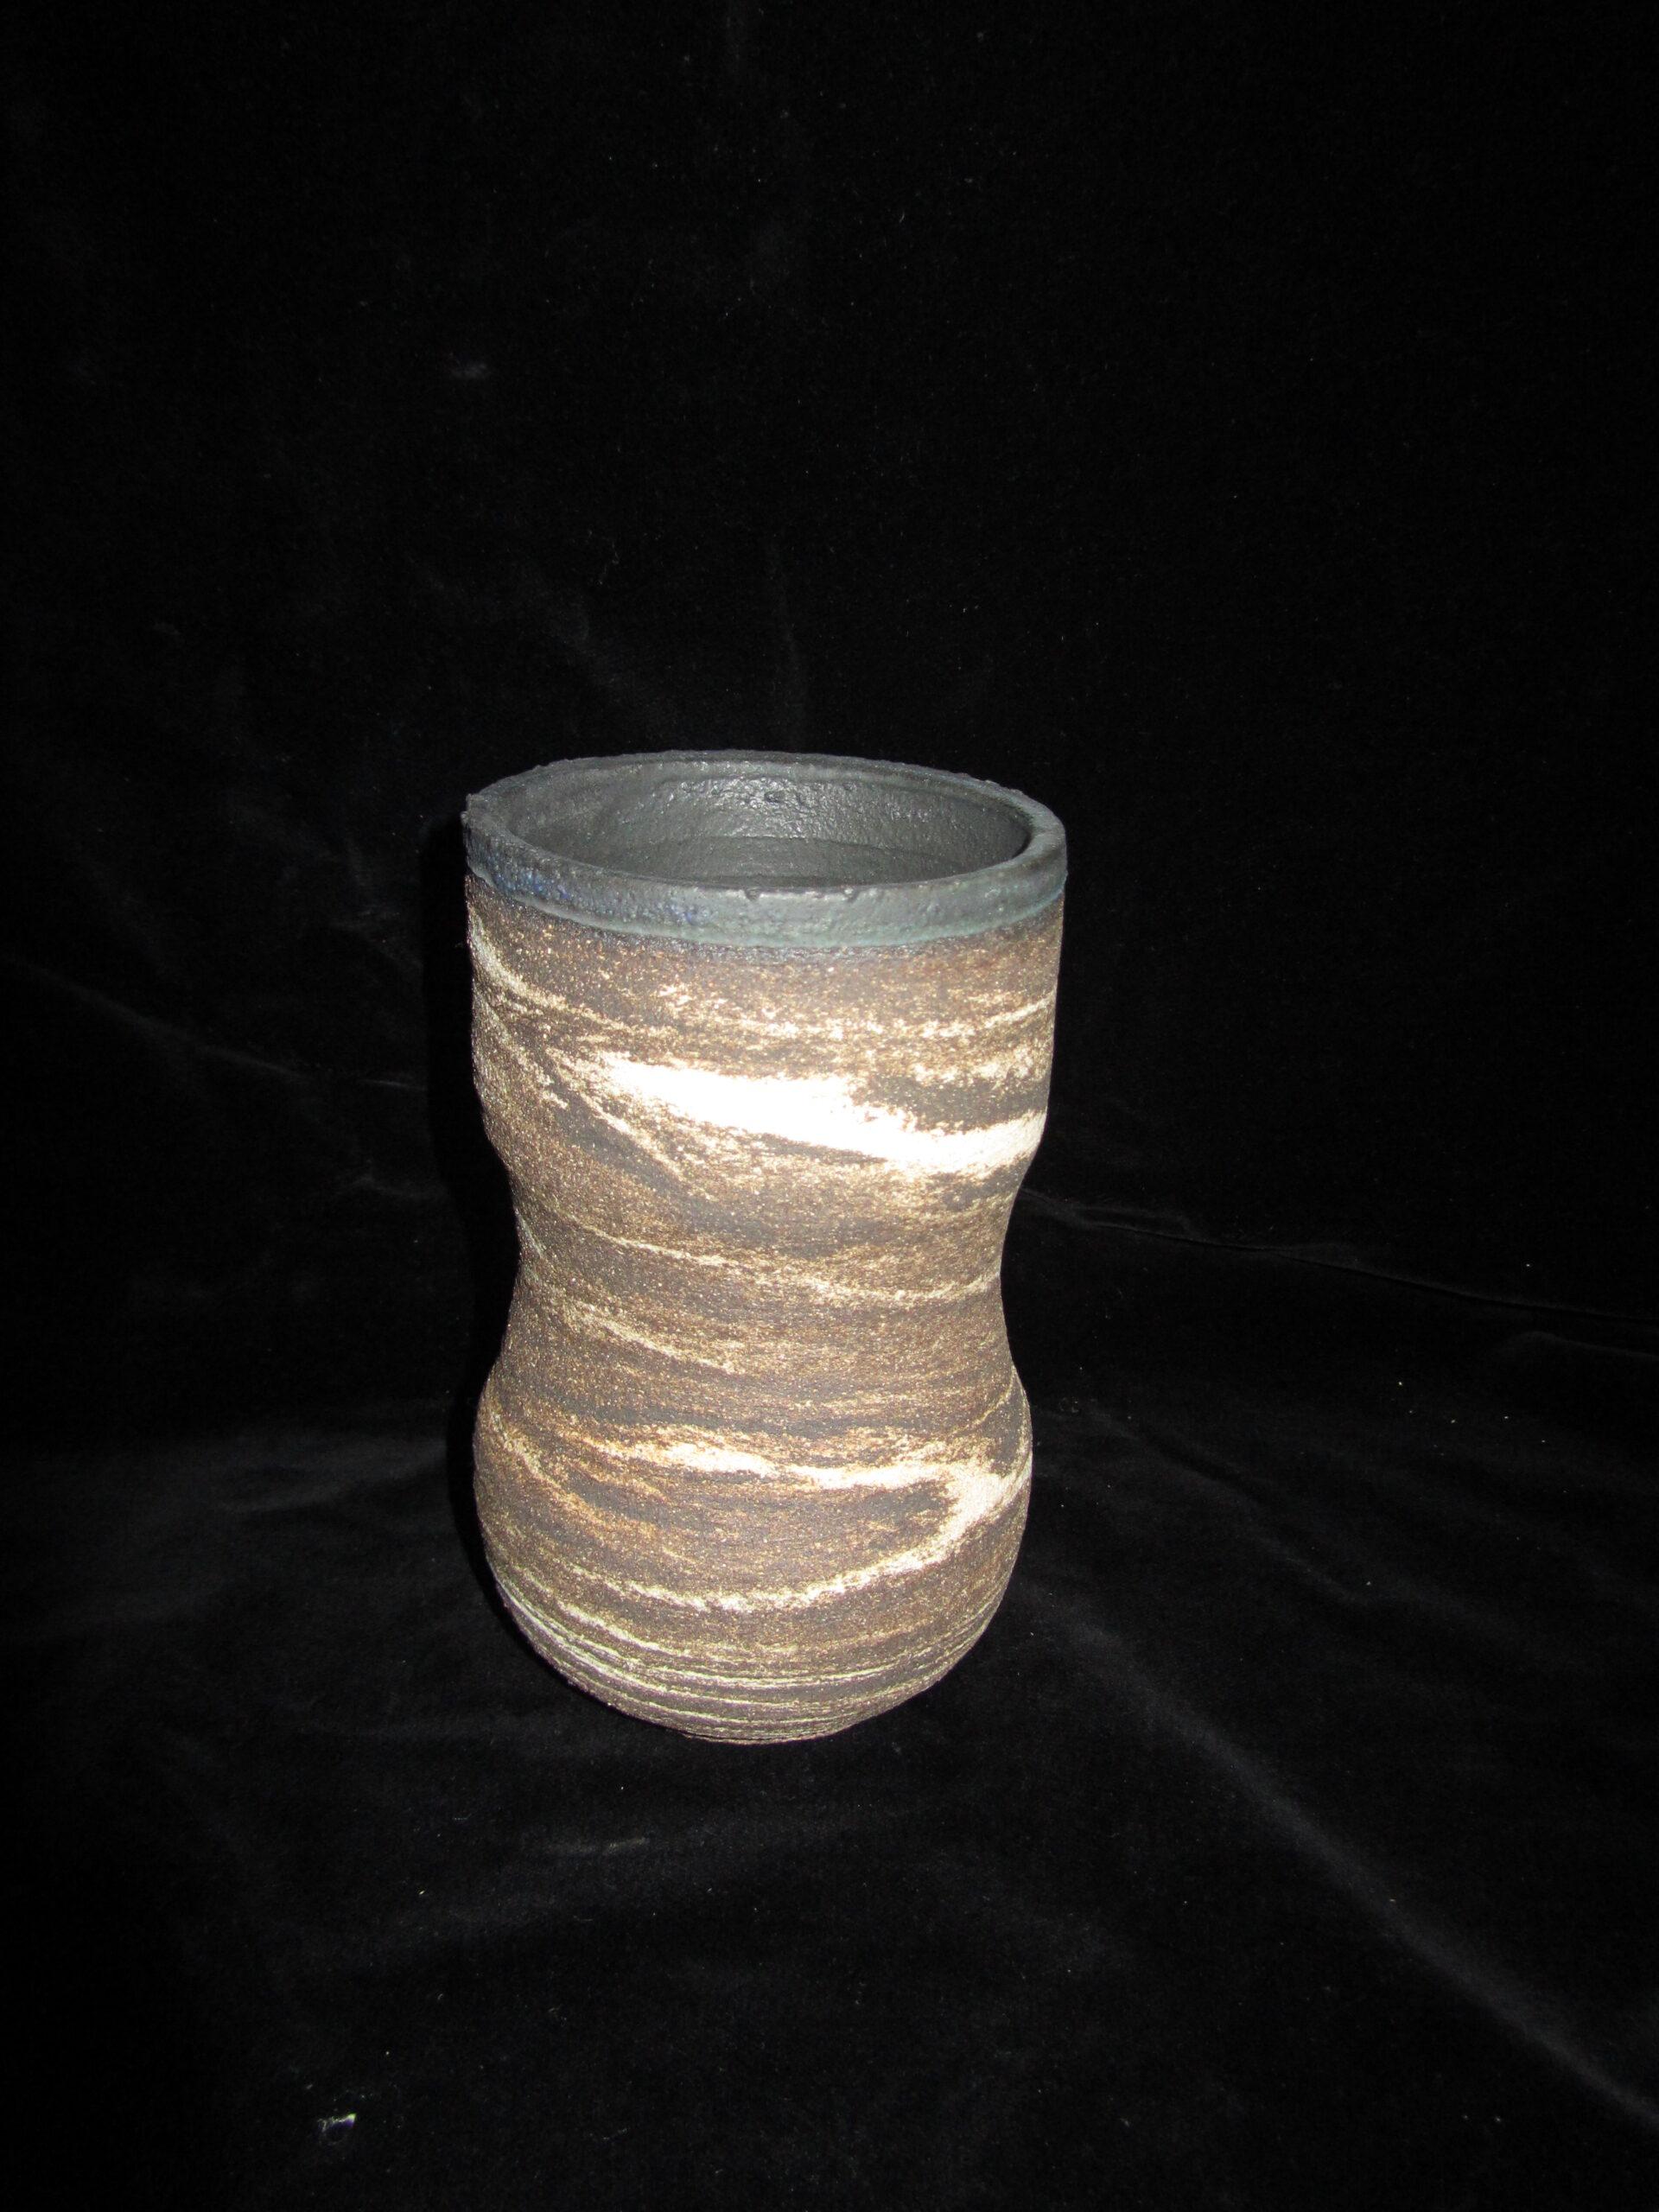 Cuenco realizado al torno con mezcla de varias arcillas, interior esmaltado (2)